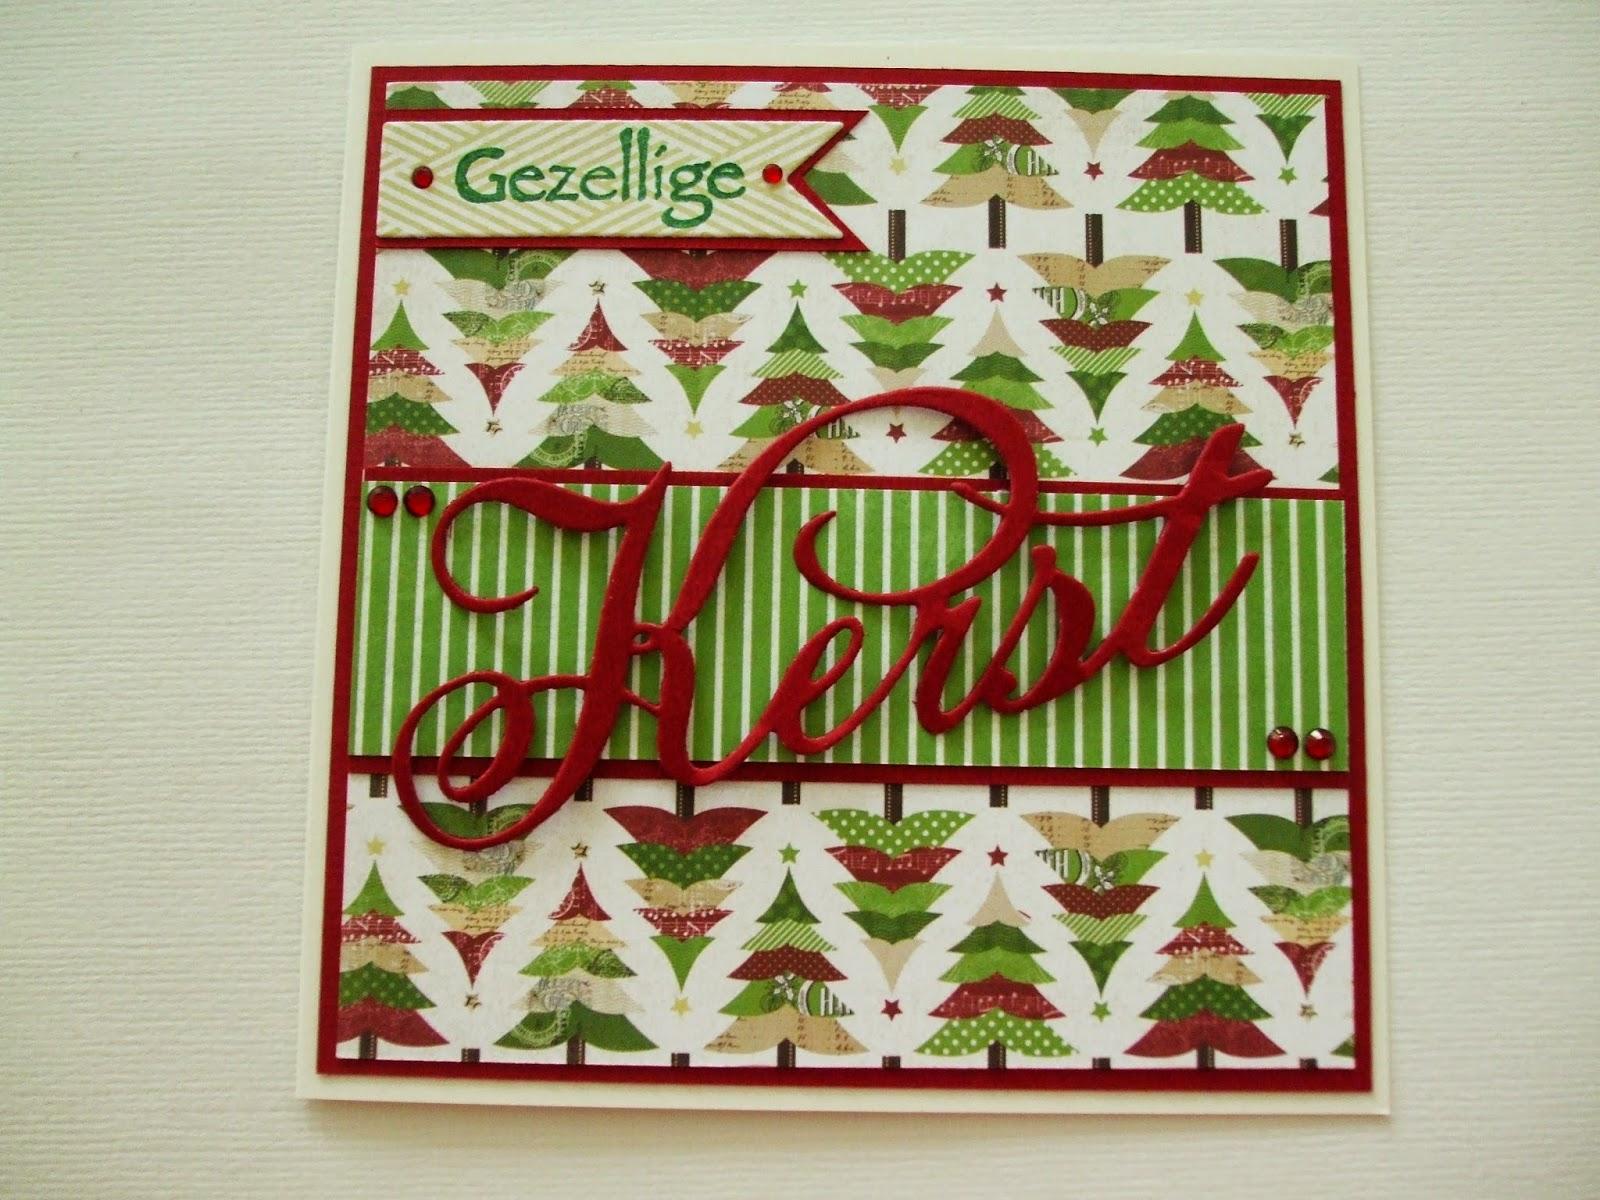 Sabine S Hobbyblog Gezellige Kerst